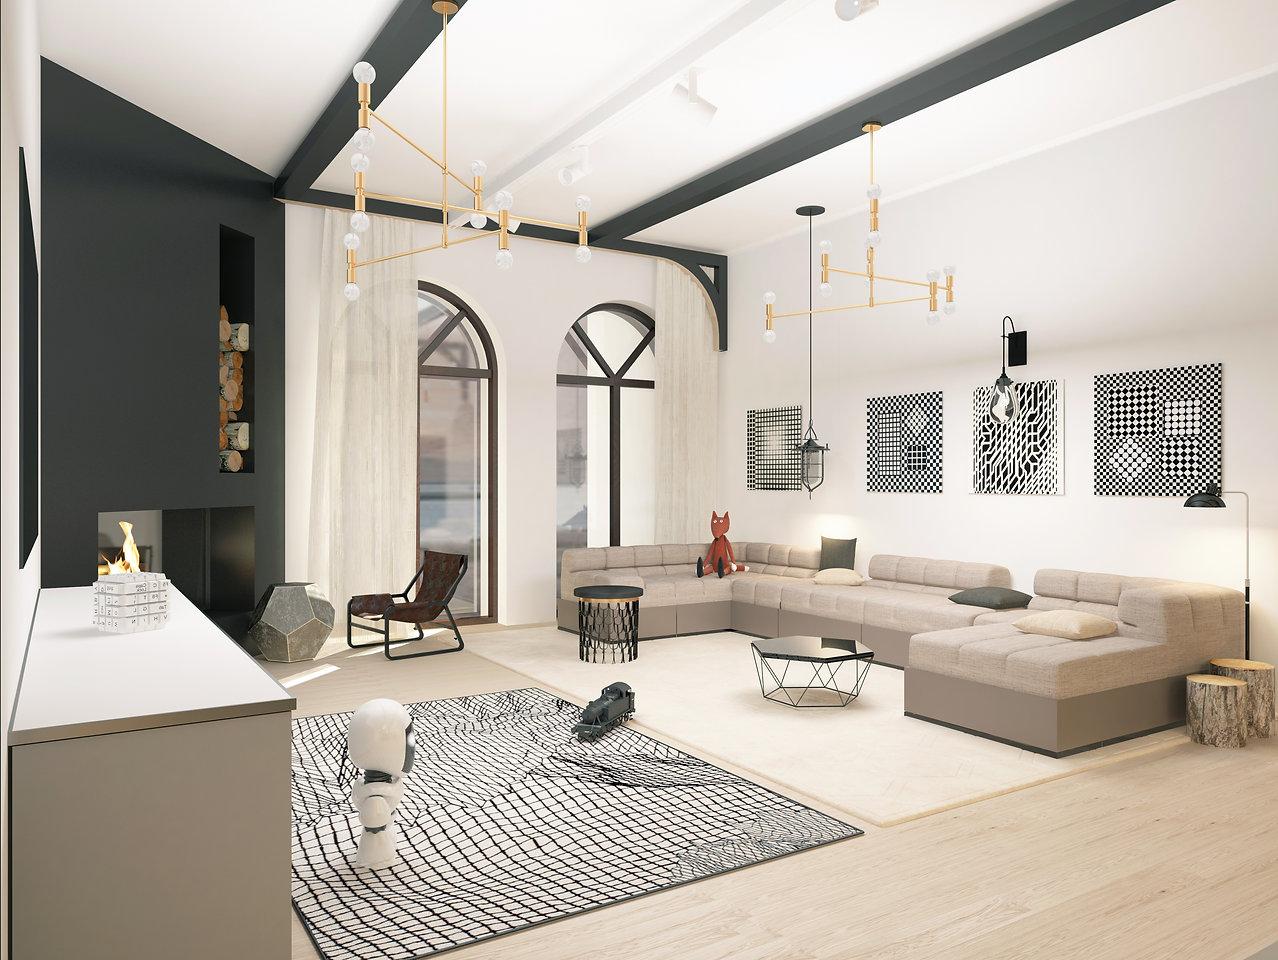 современный дизайн интерьера дома в Одессе в стиле minimal art